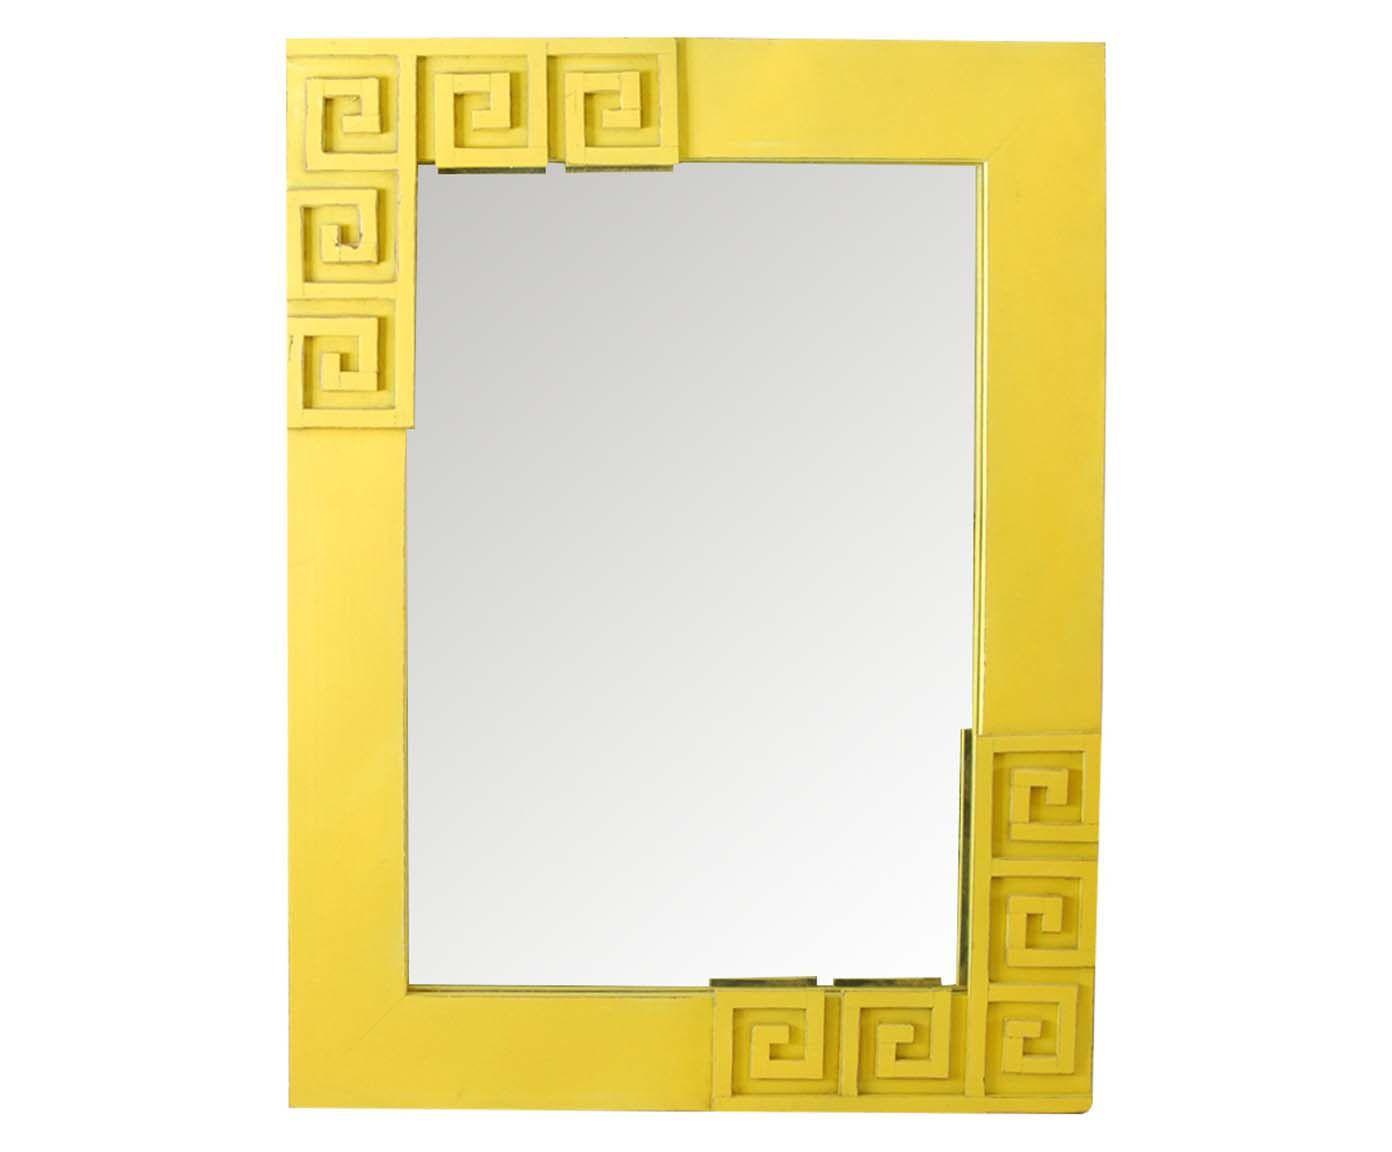 Espelho egito - soleil | Westwing.com.br